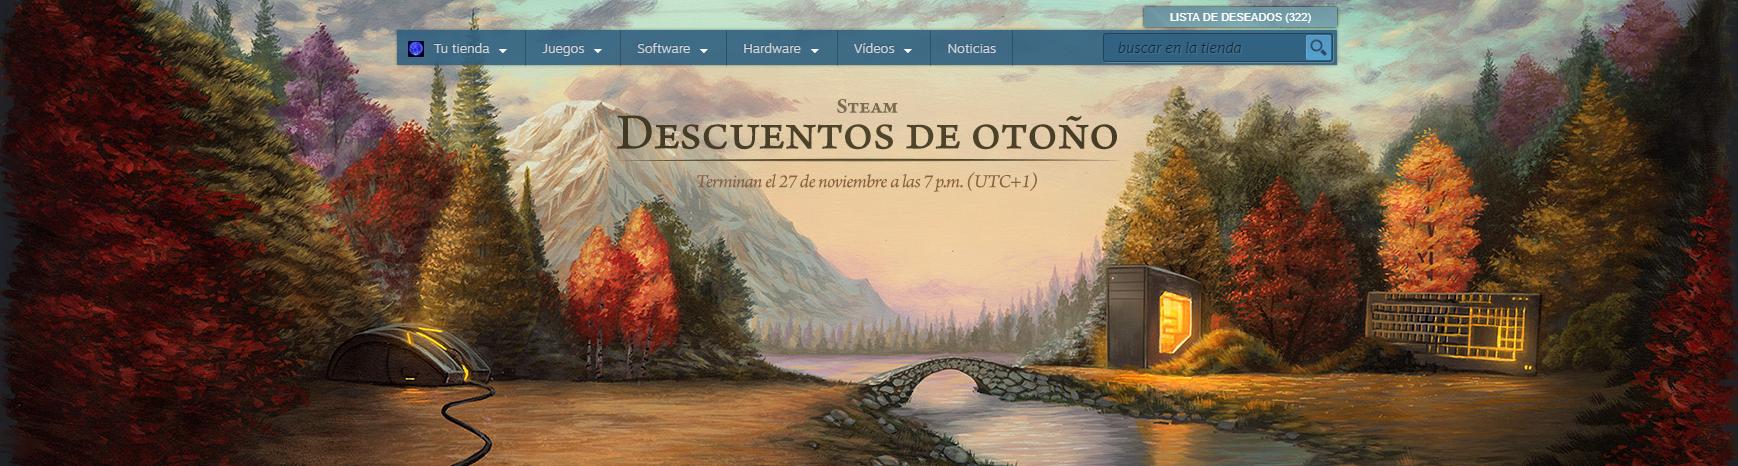 Proximas rebajas y ofertas en tiendas online Steamoto-o-55669b3